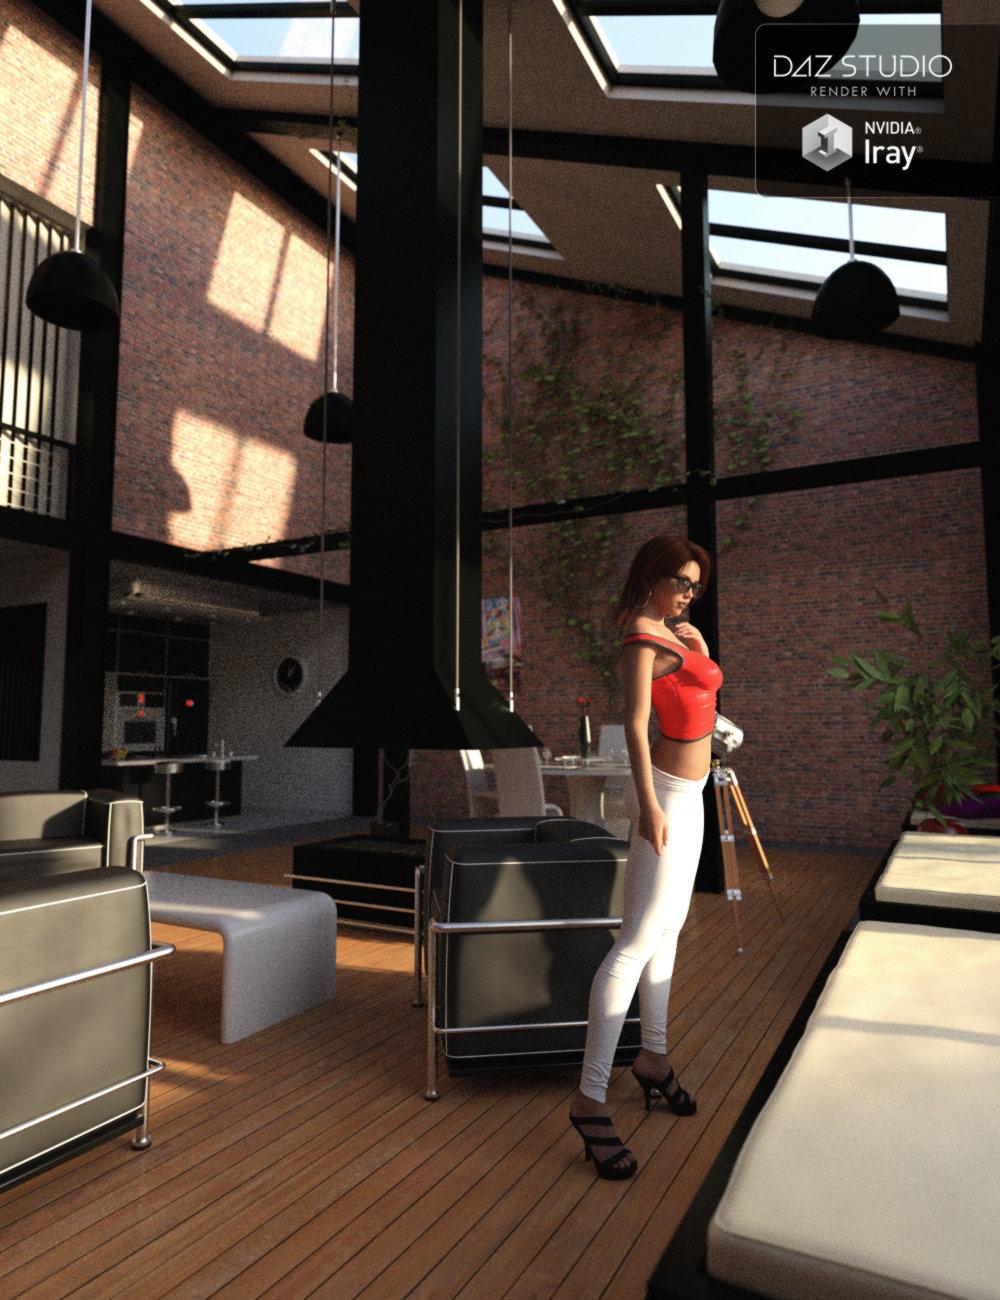 Modern NY Style Loft by: Mely3D, 3D Models by Daz 3D